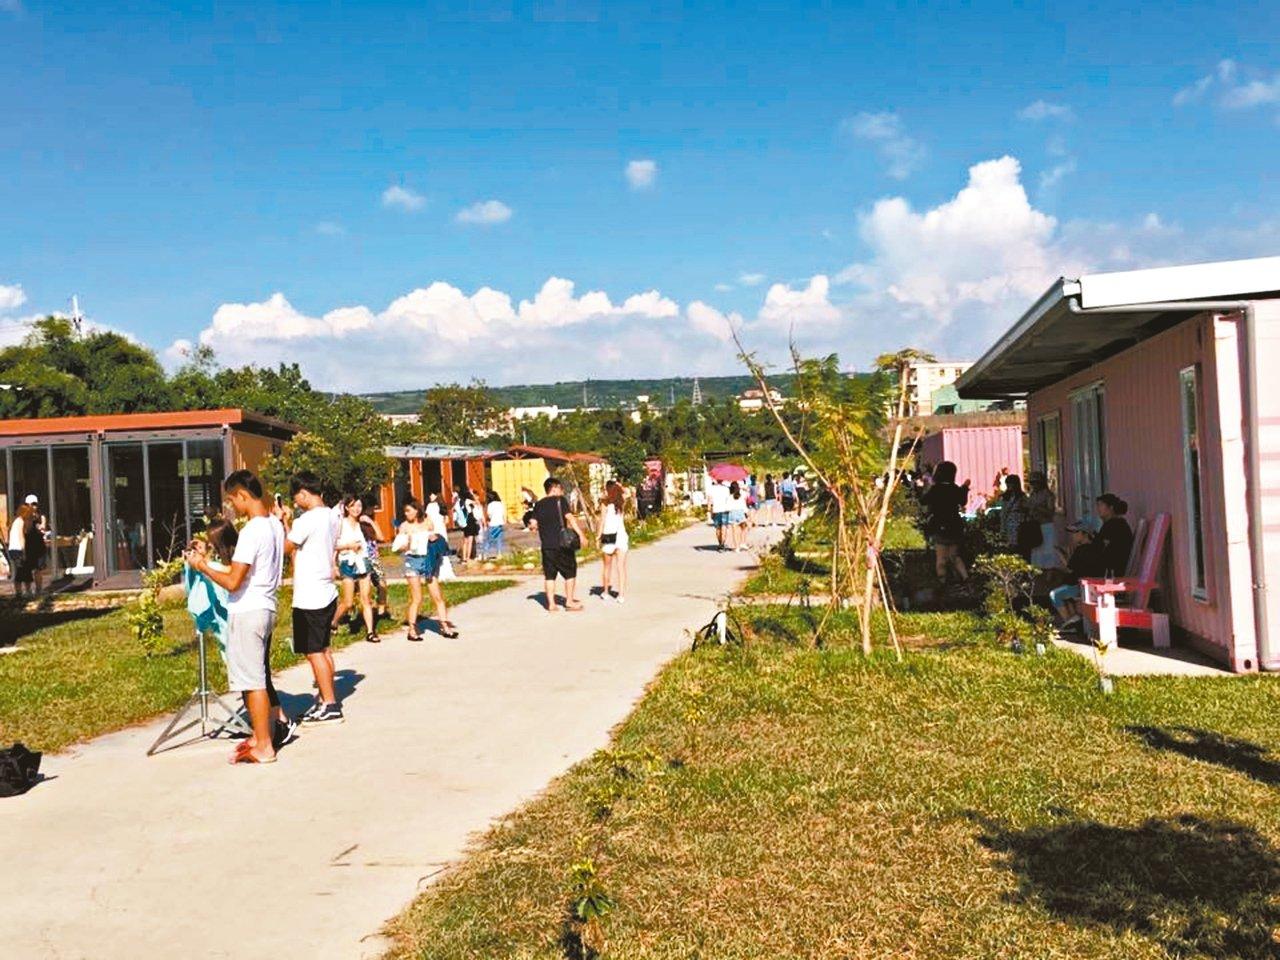 馬卡龍色貨櫃小屋成為網美拍照熱門景點。 圖╱好好聚落提供